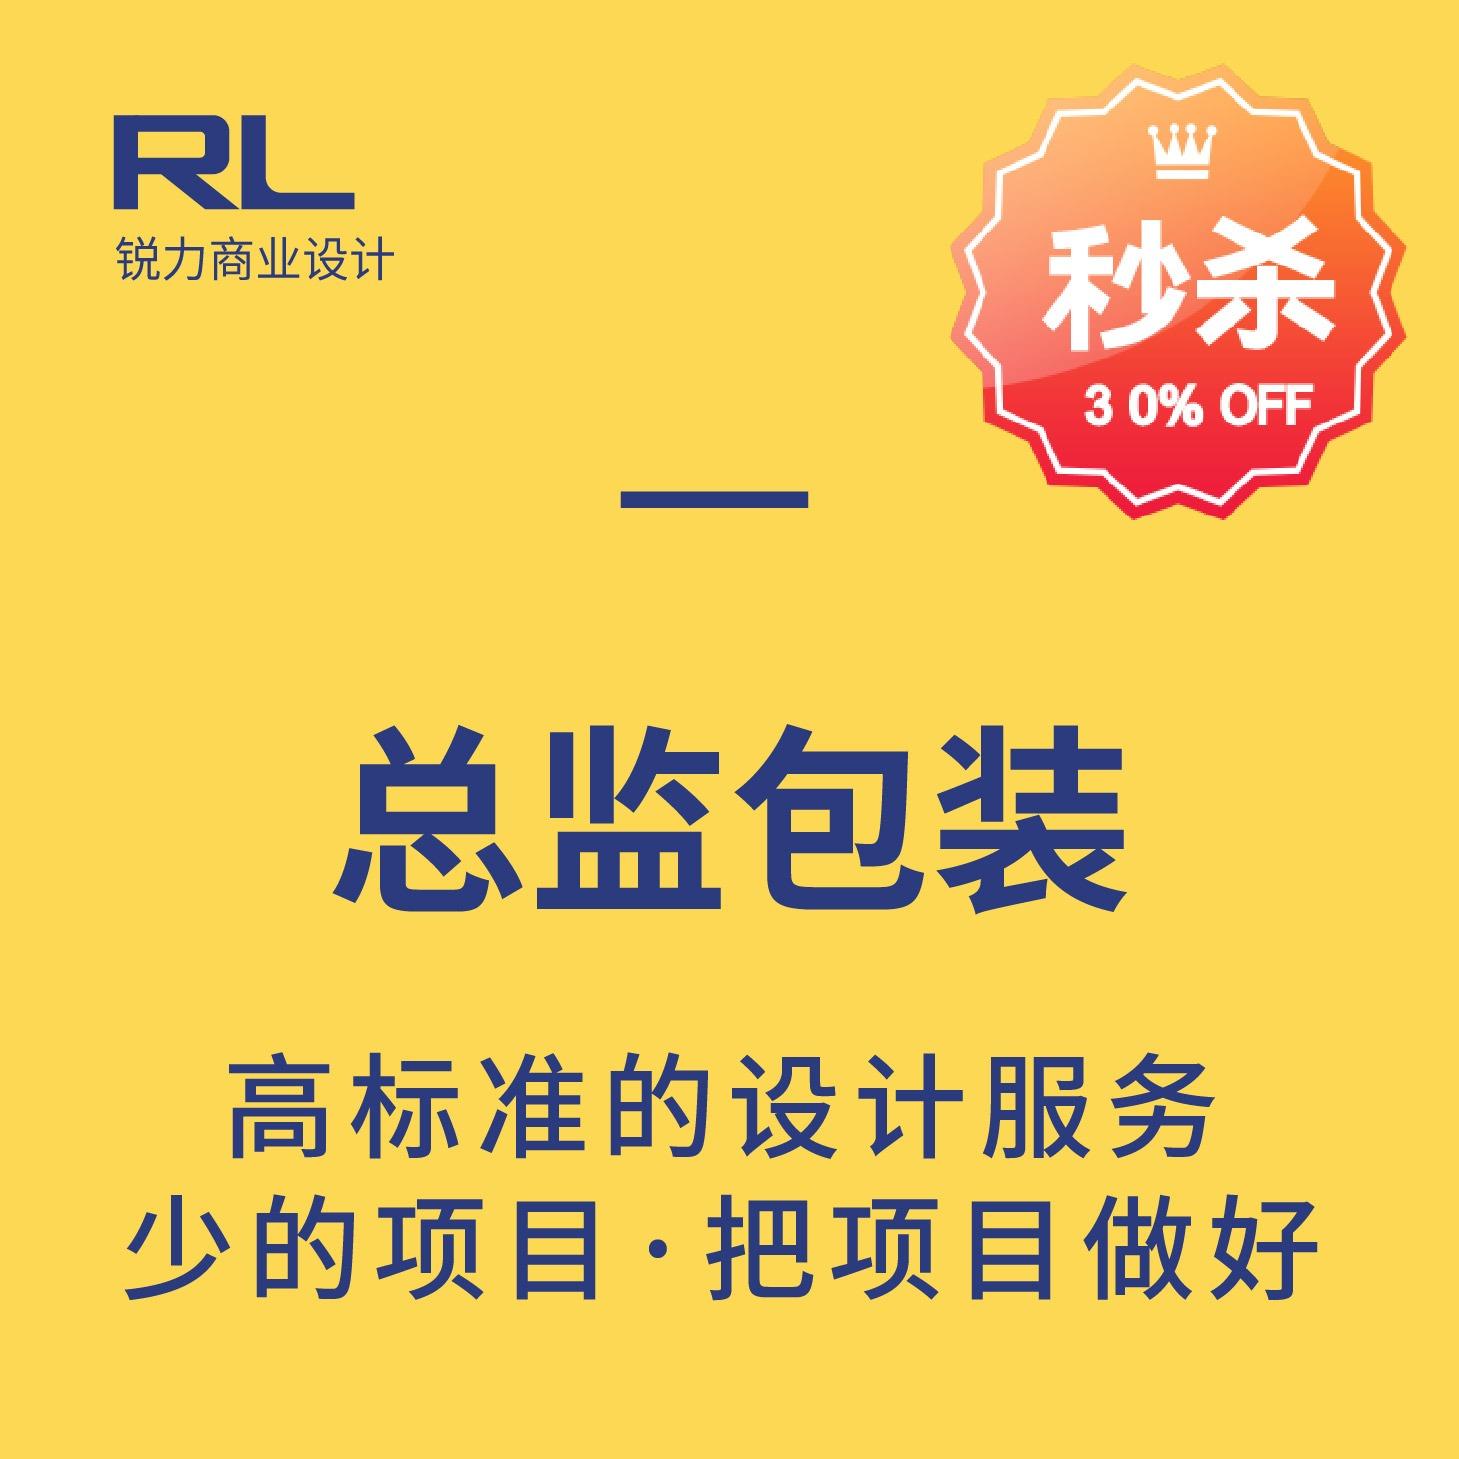 【总监包装】礼品盒食品袋设计瓶贴茶叶插画食品牌白酒标大米平面